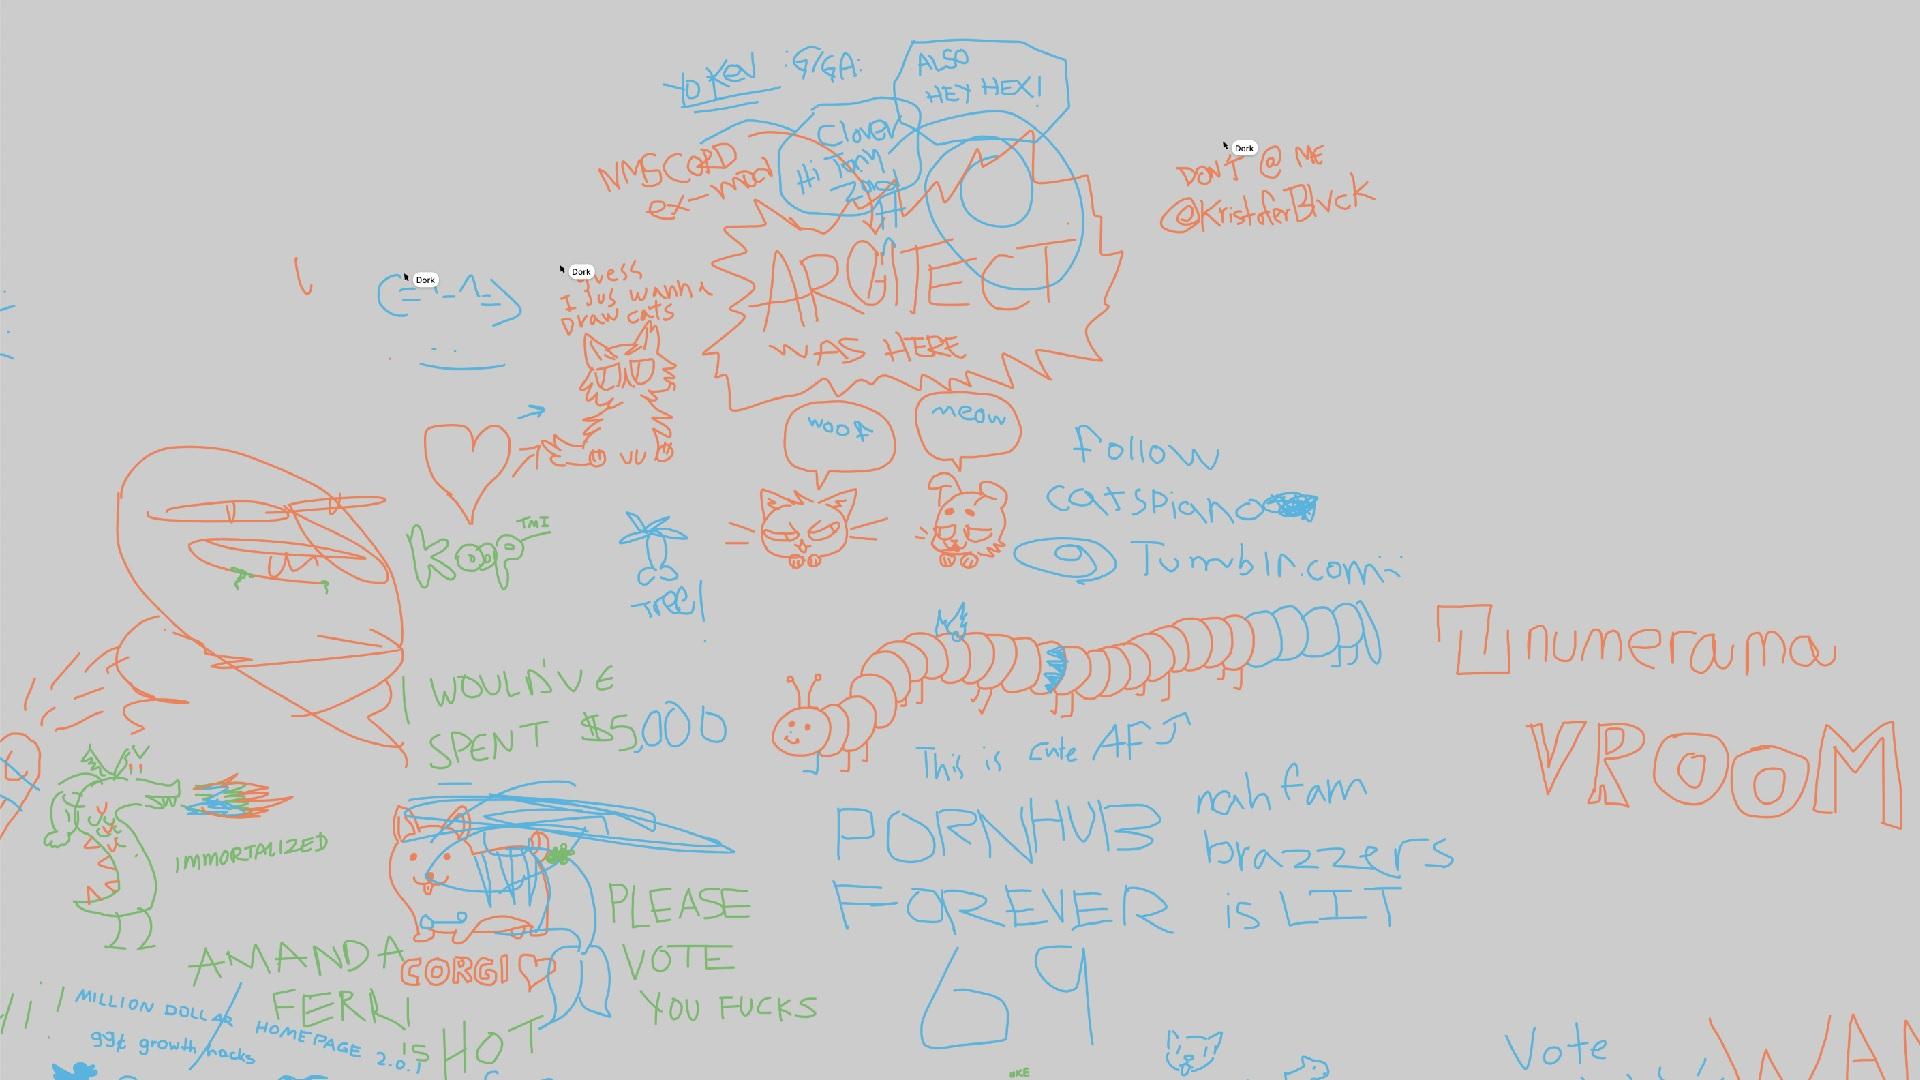 pour perdre votre temps aujourd u0026 39 hui   u00e7a se passe sur cette fresque collaborative un peu moche